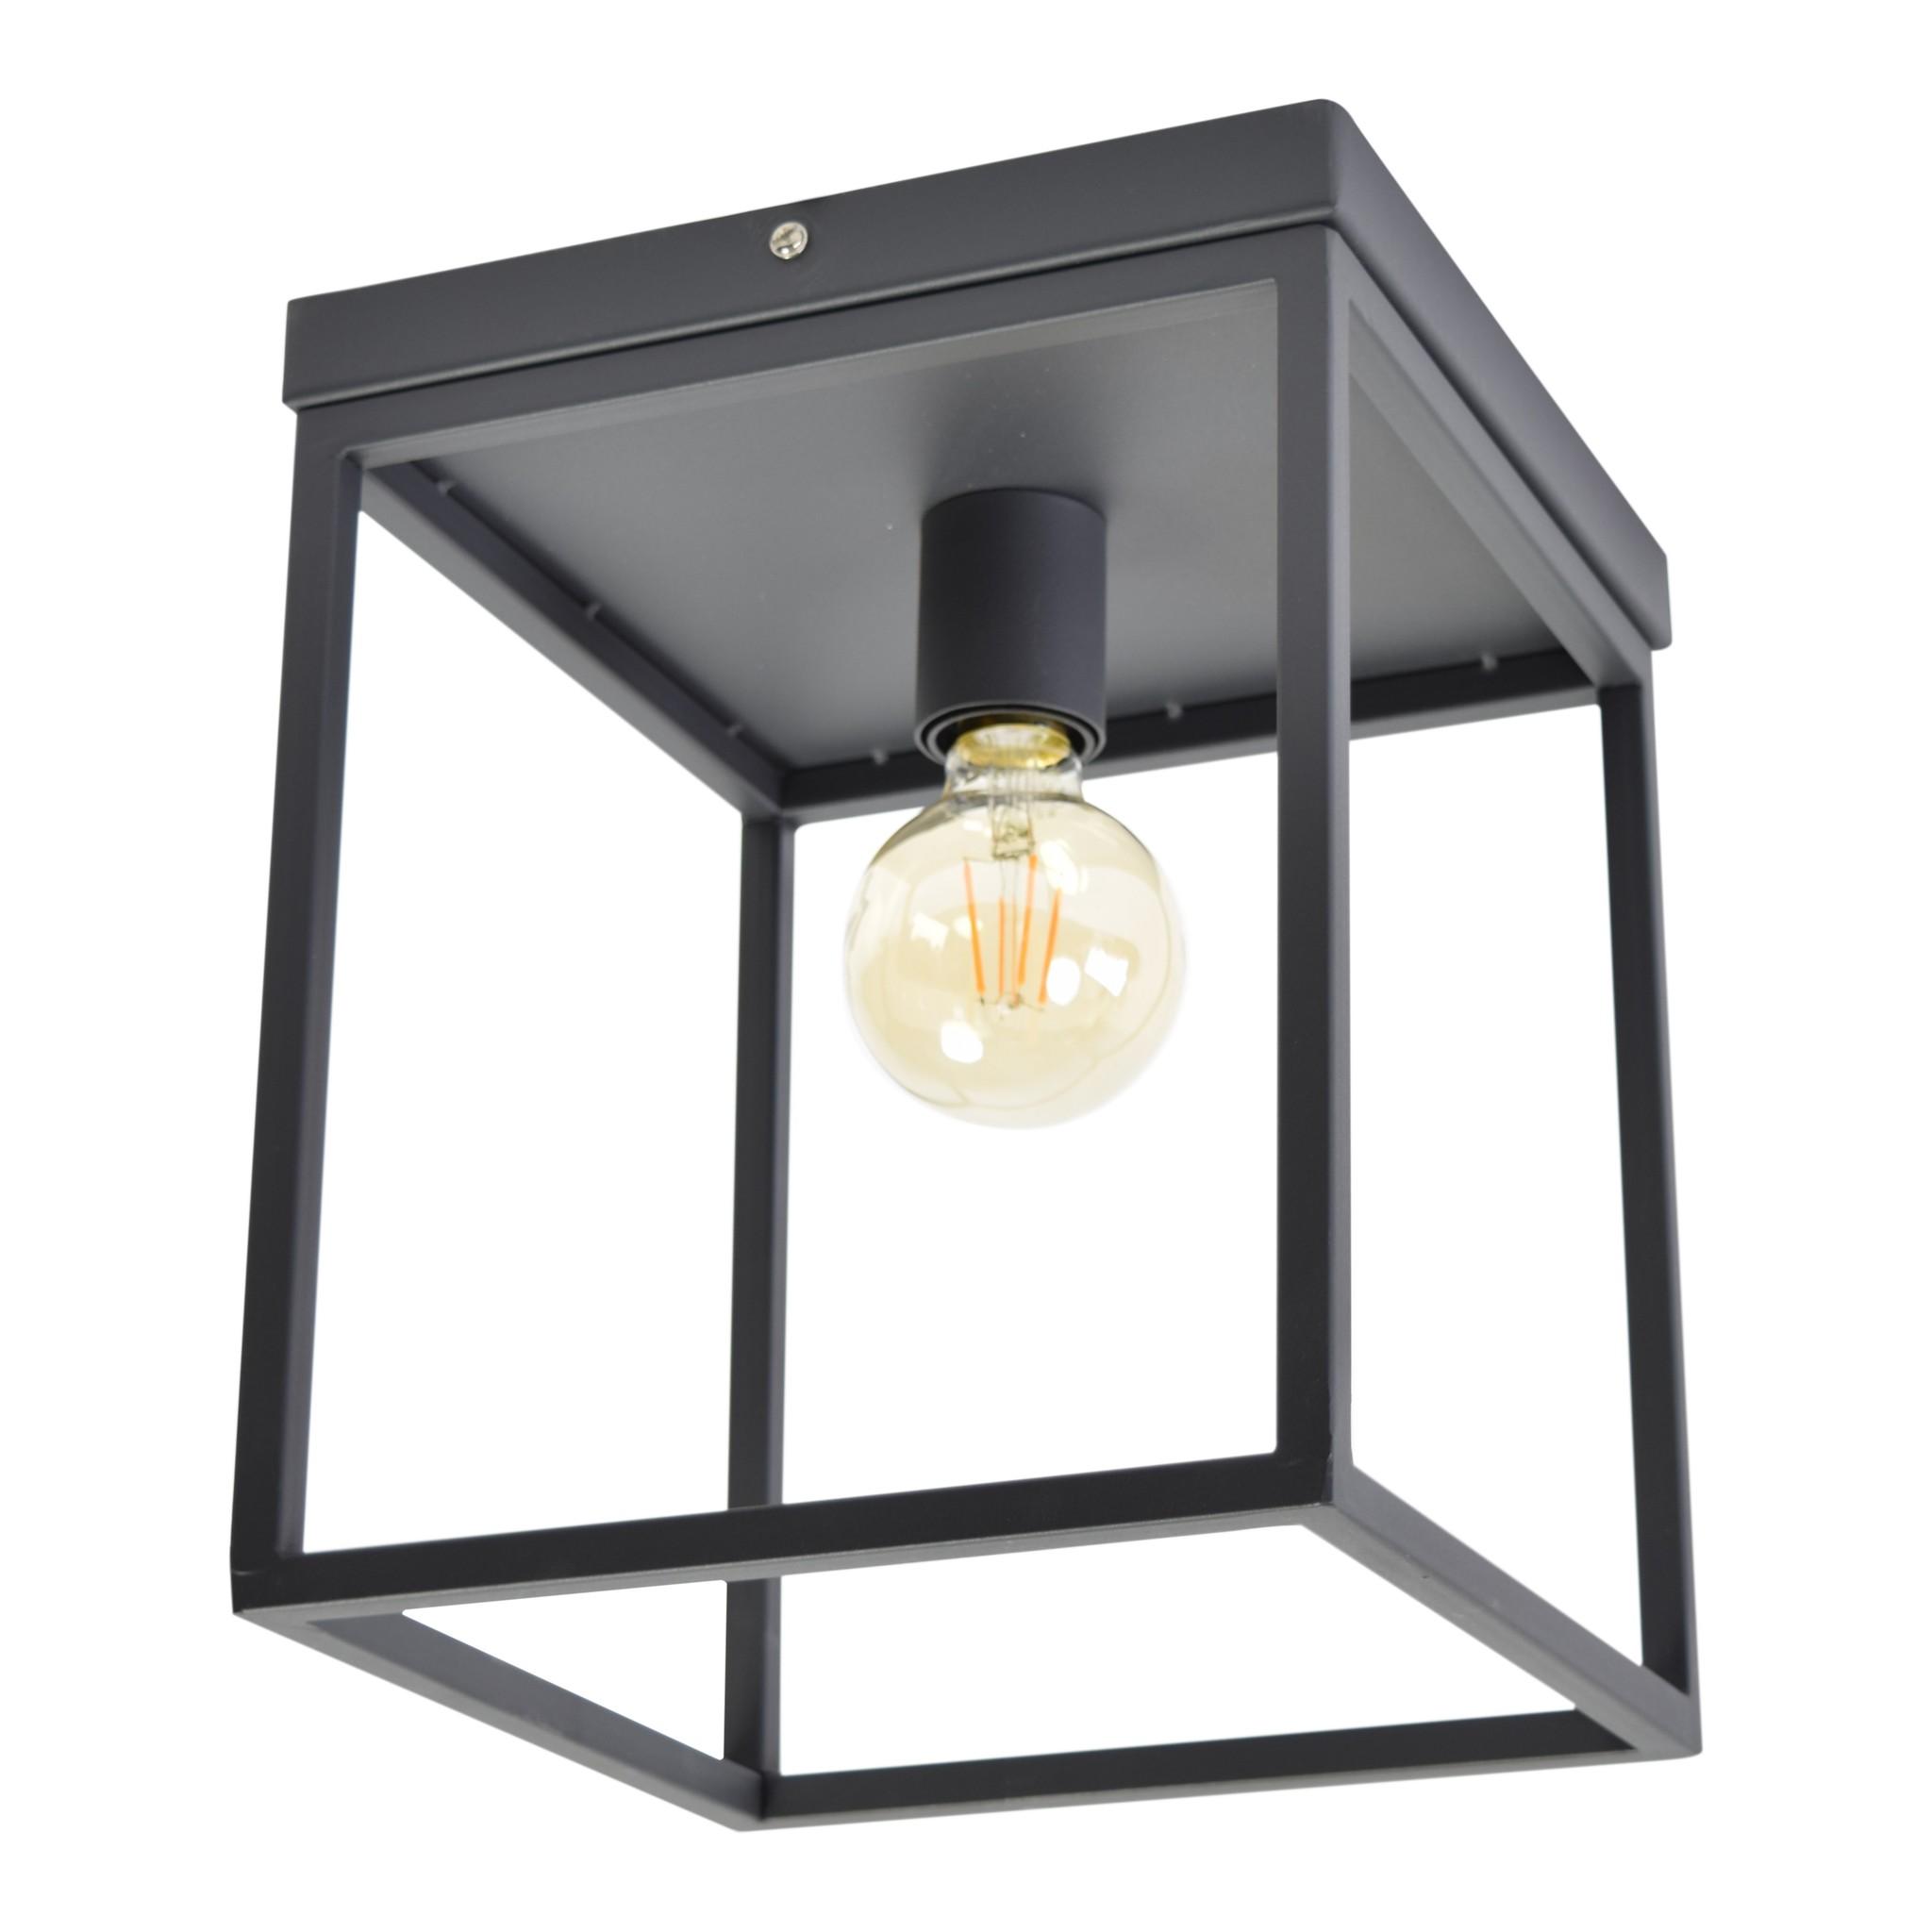 Urban Interiors Urban Interiors Plafondlamp Frame Zwart 25x25x31-13001-8719325171723